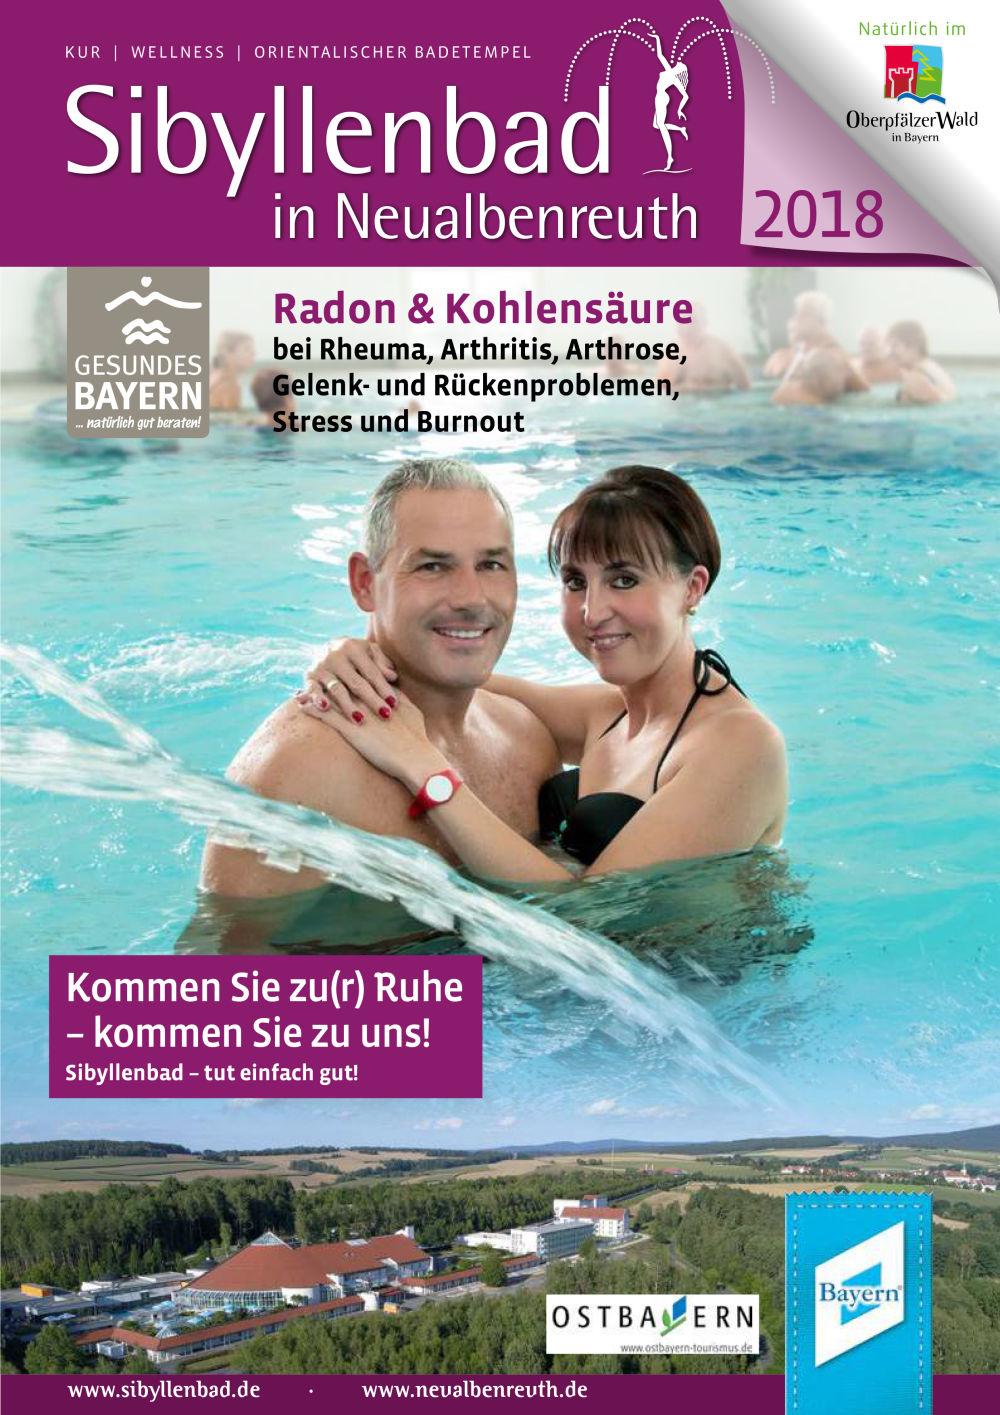 Sibyllenbad-Katalog-2018-als-PDF-Download-1